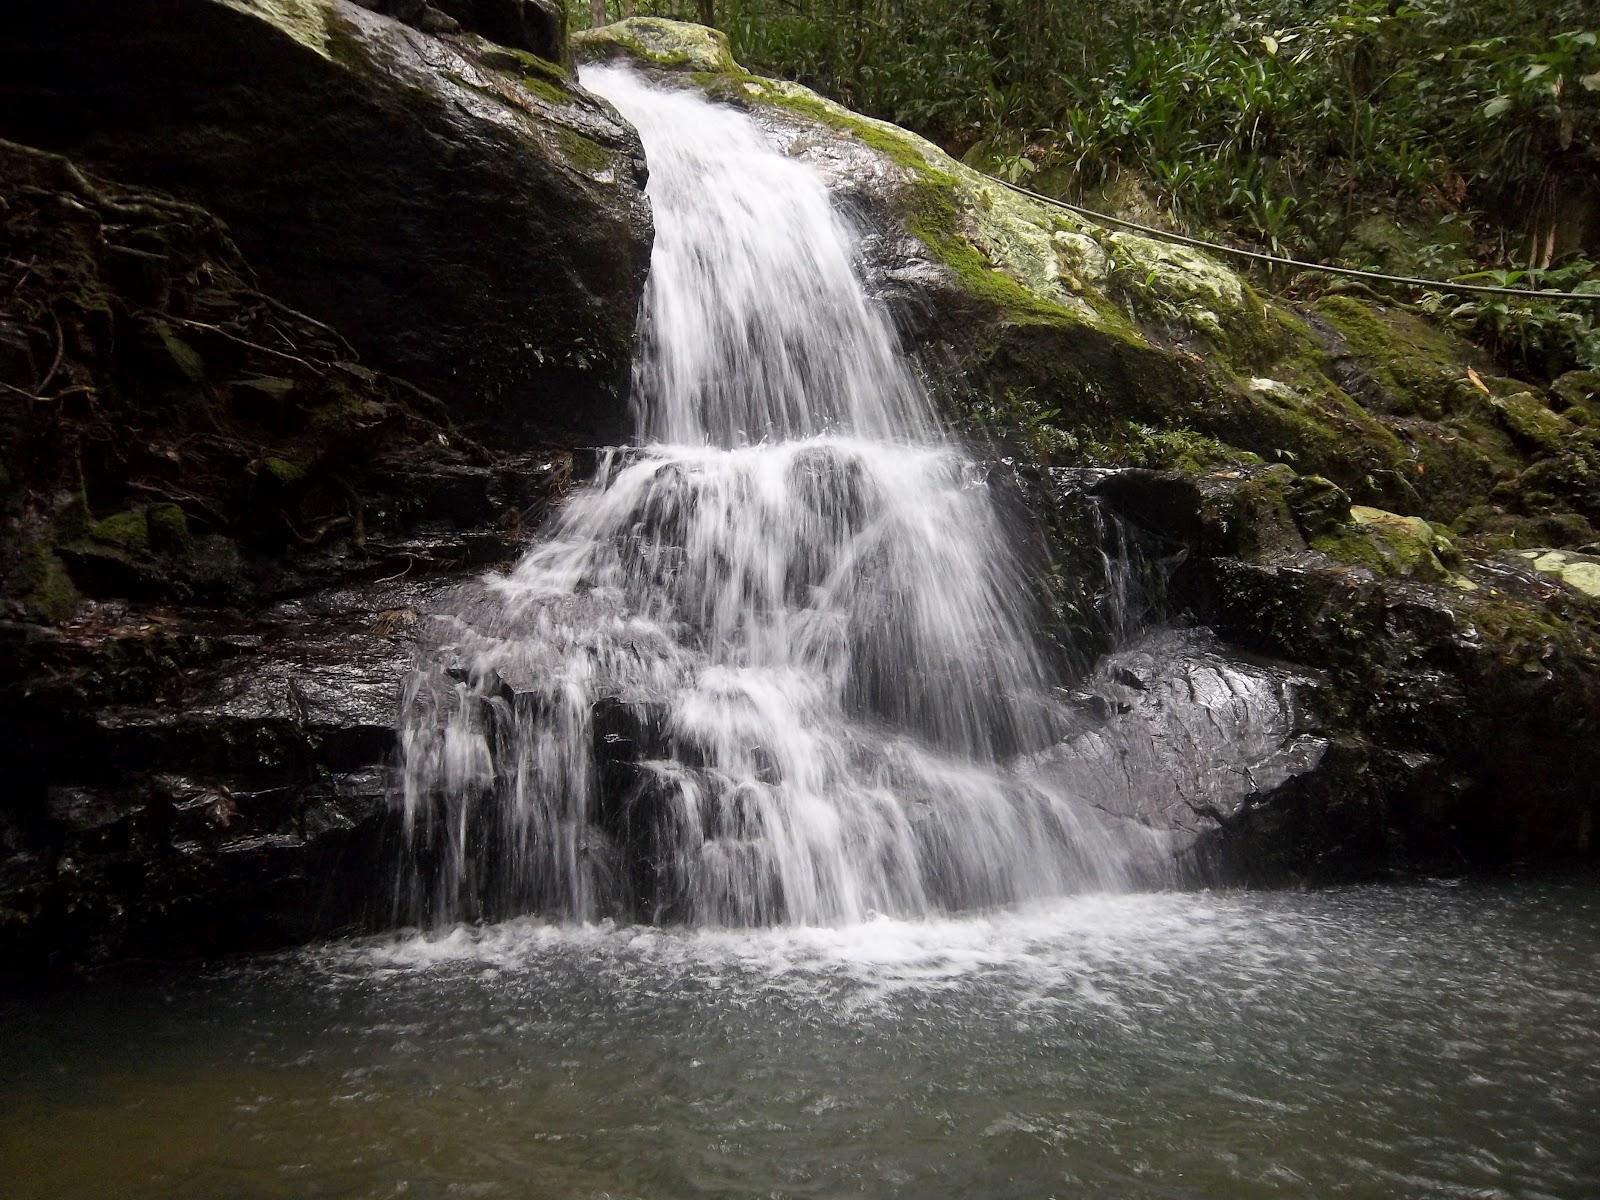 cachoeirapraiatriste